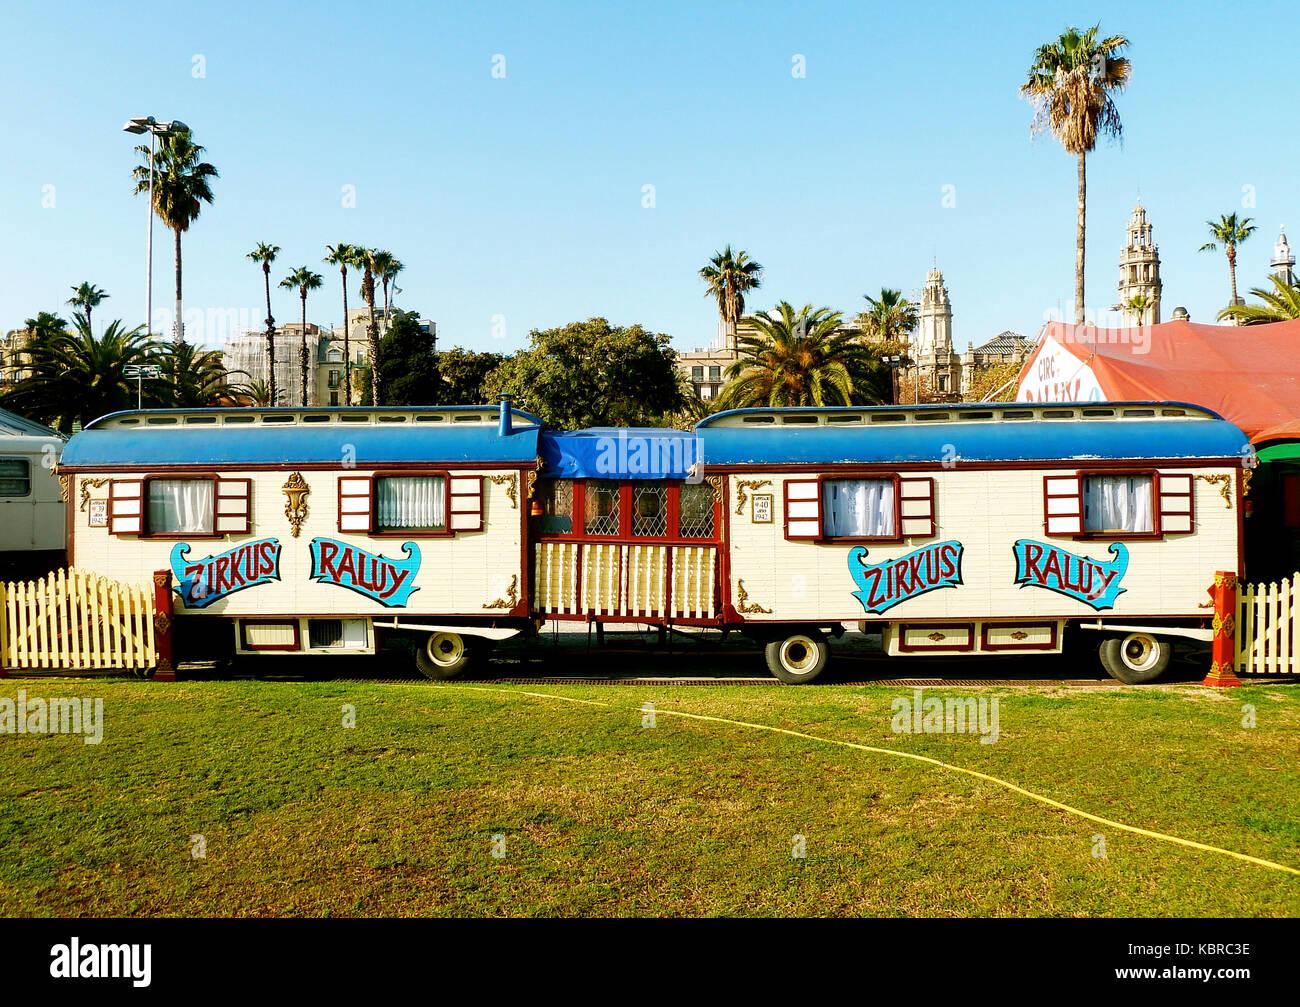 Barcellona - Spagna, 12.26.2012 Circo Raluy roulotte durante il loro ...